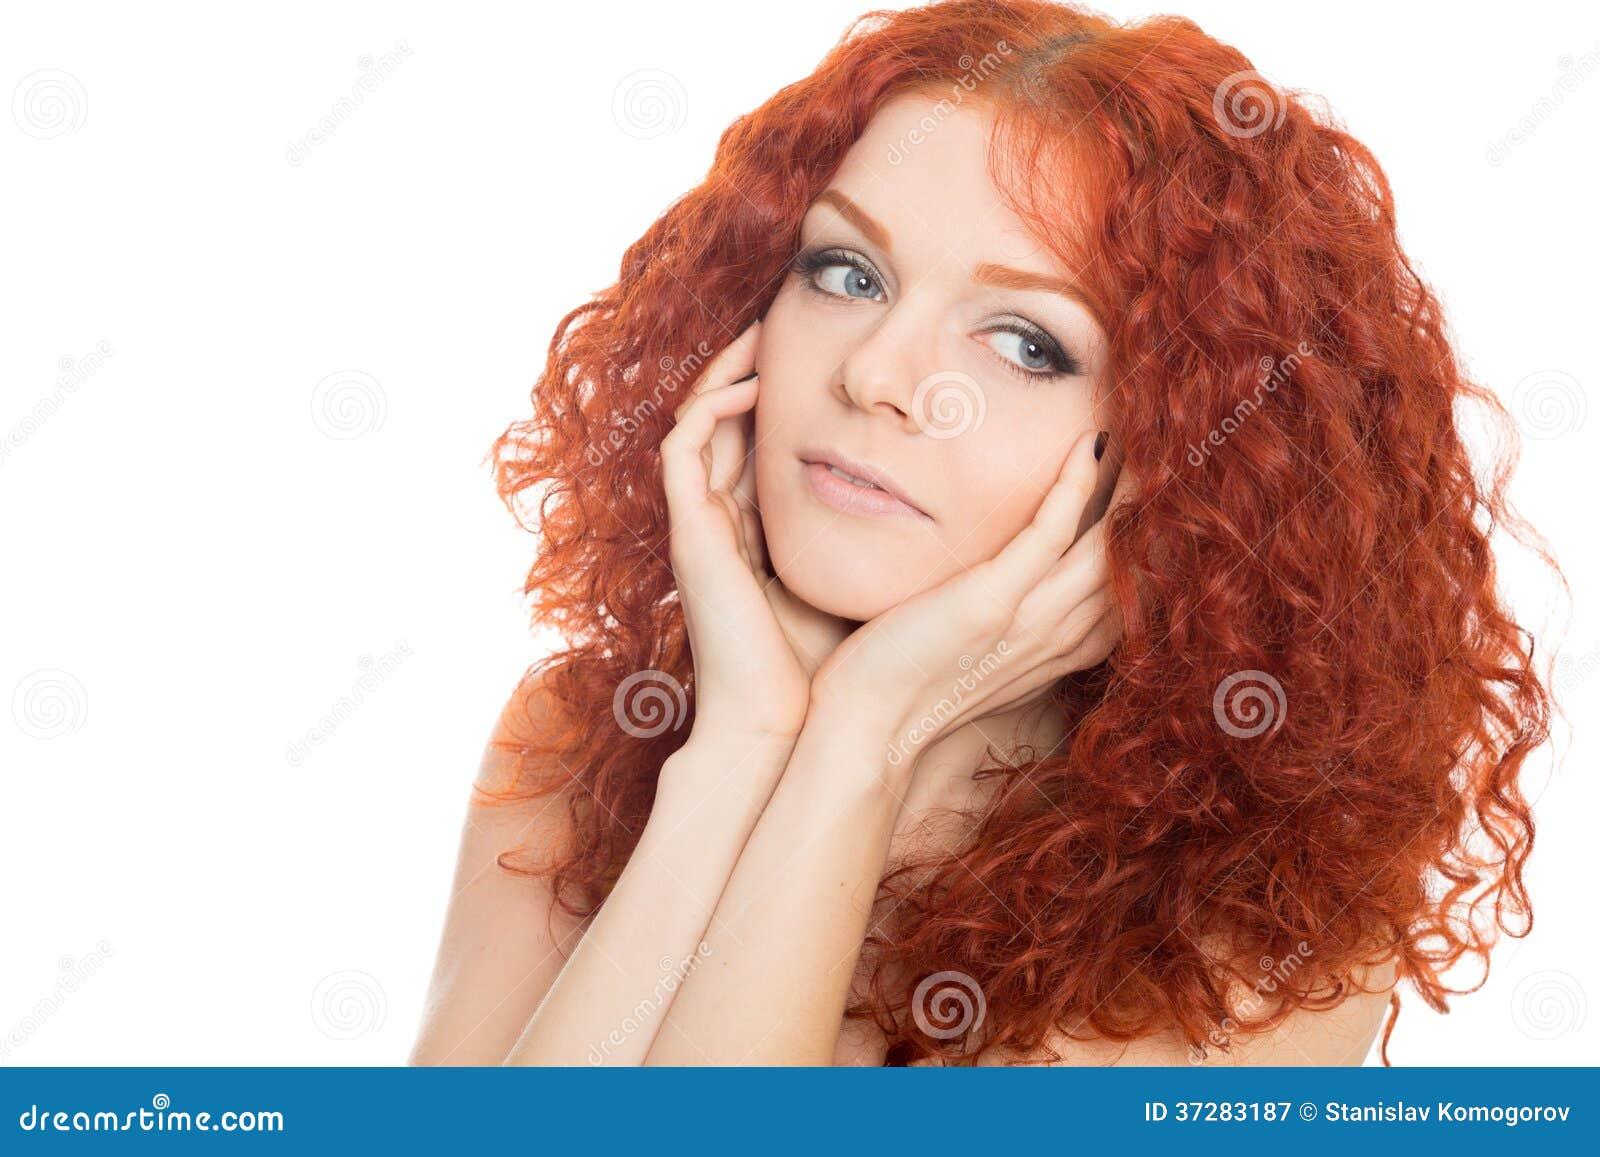 1600x1200 woman red hair - photo #31